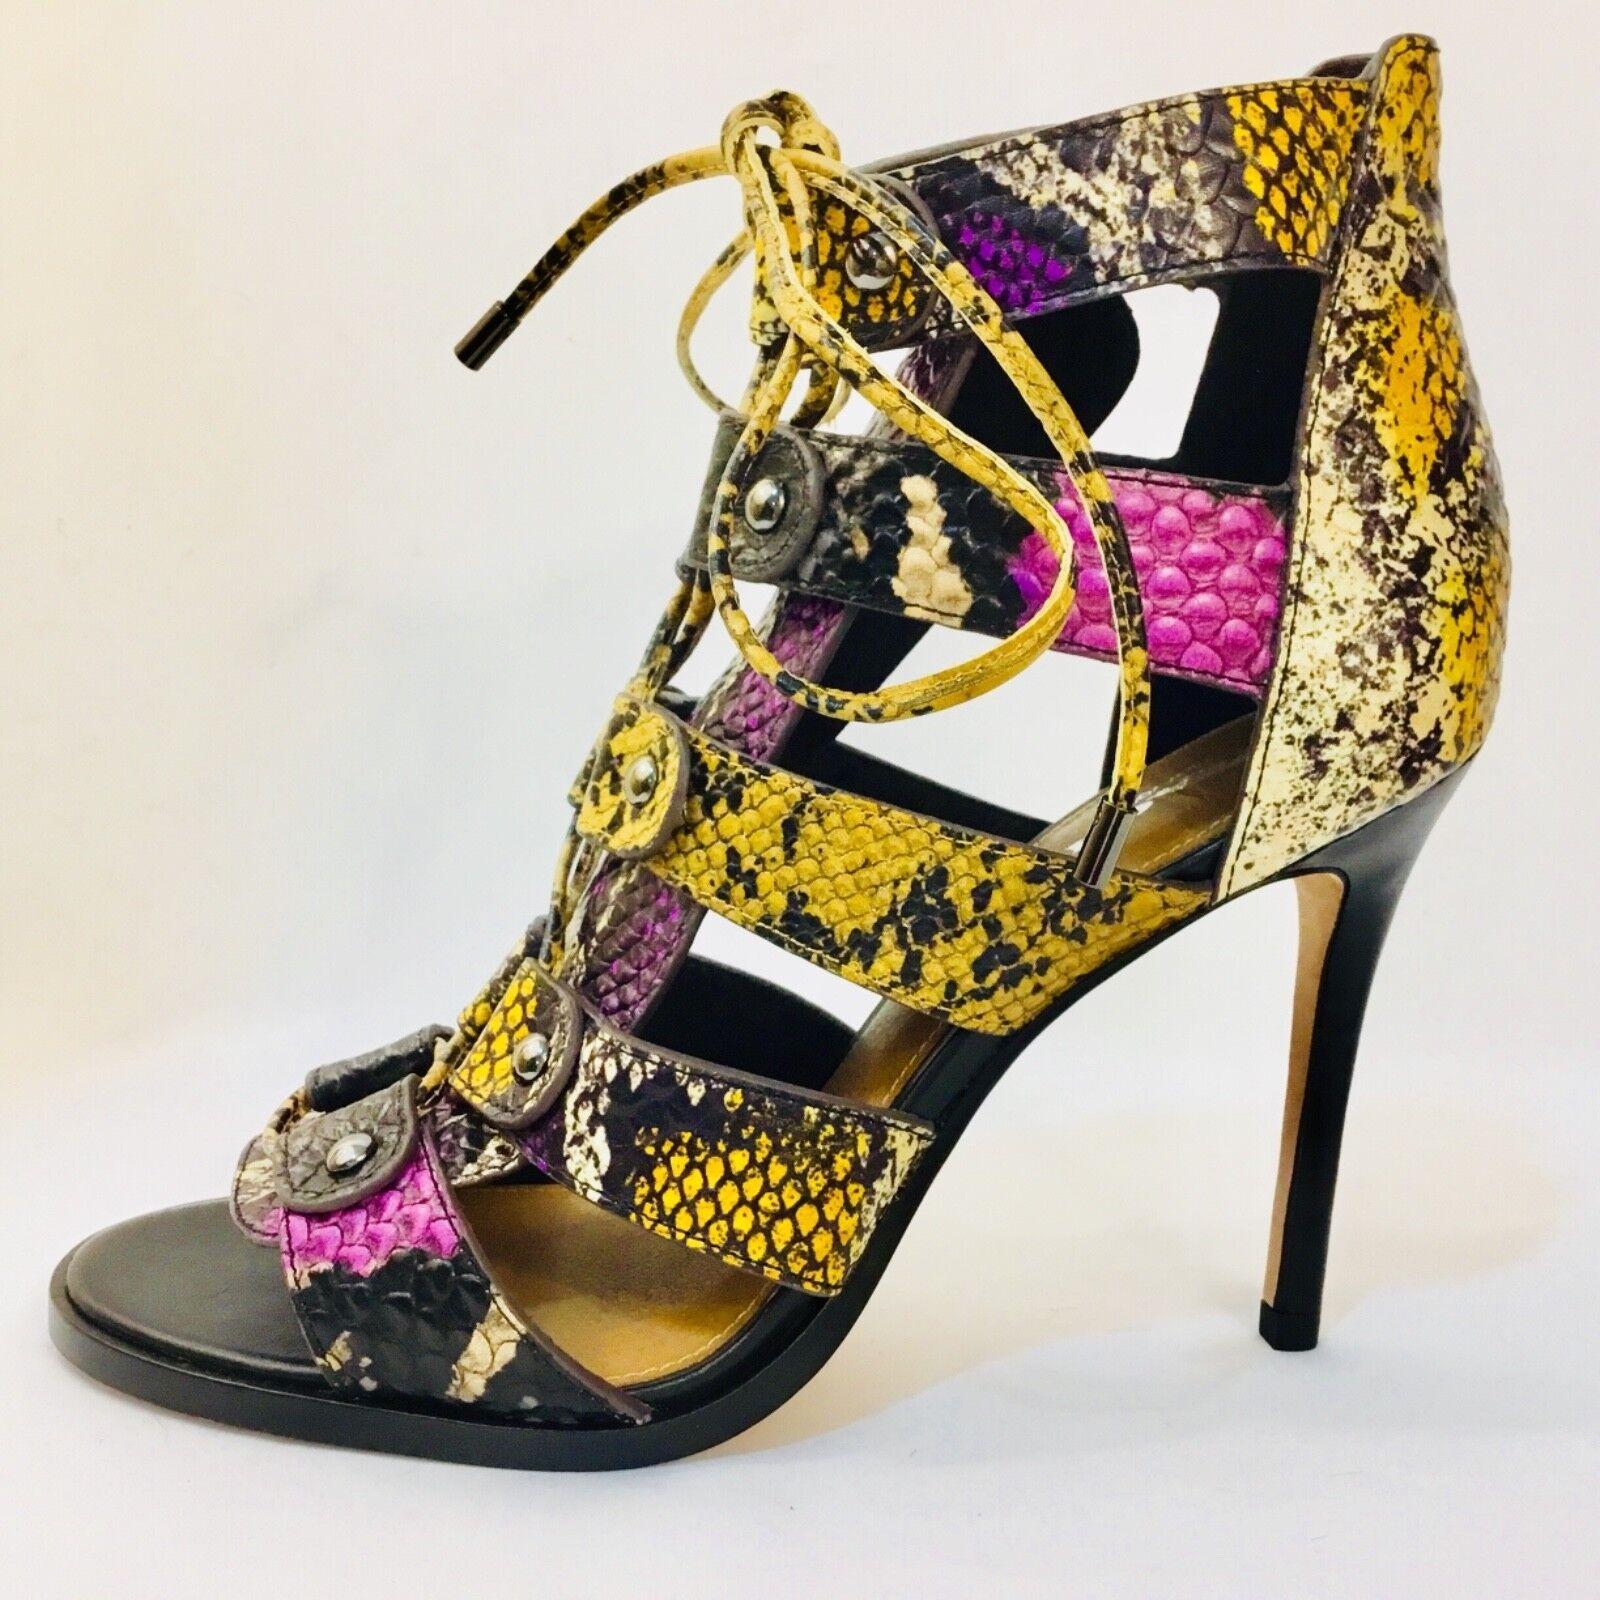 COACH sandals, Leslie, strappy reptile, black/gold/pur<wbr/>ple, size 8 MSRP